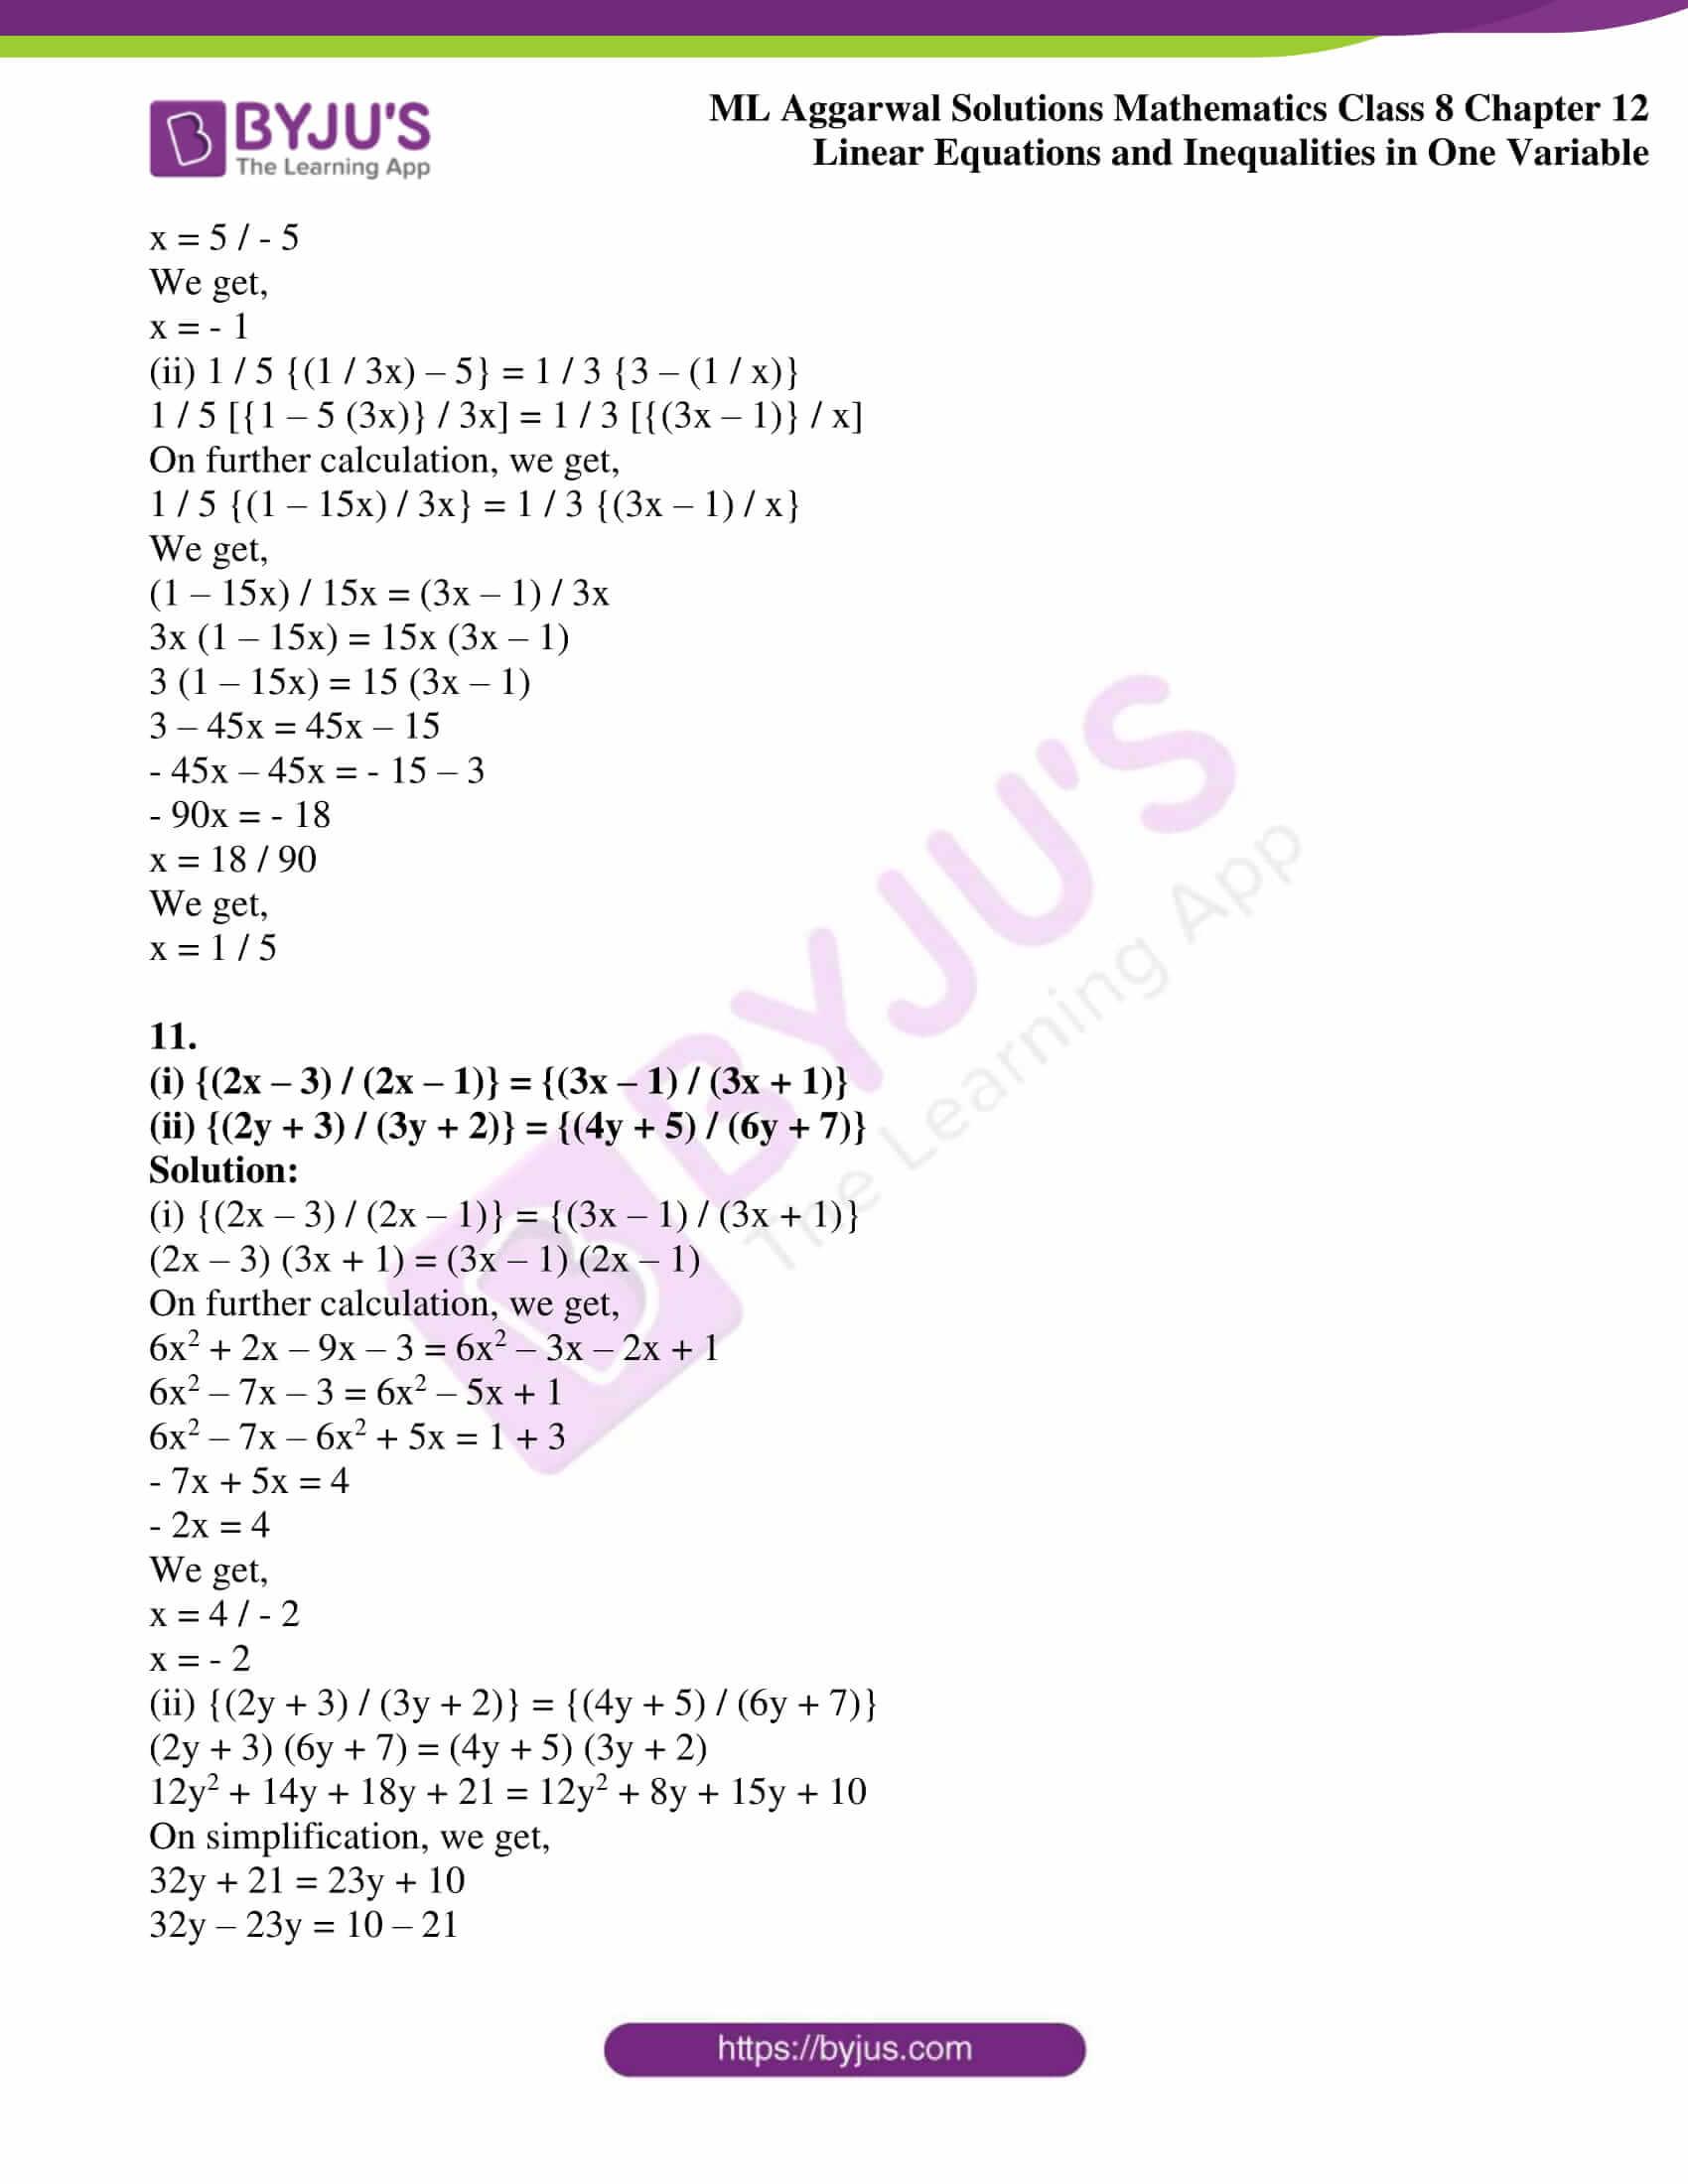 ml aggarwal sol mathematics class 8 ch 12 07